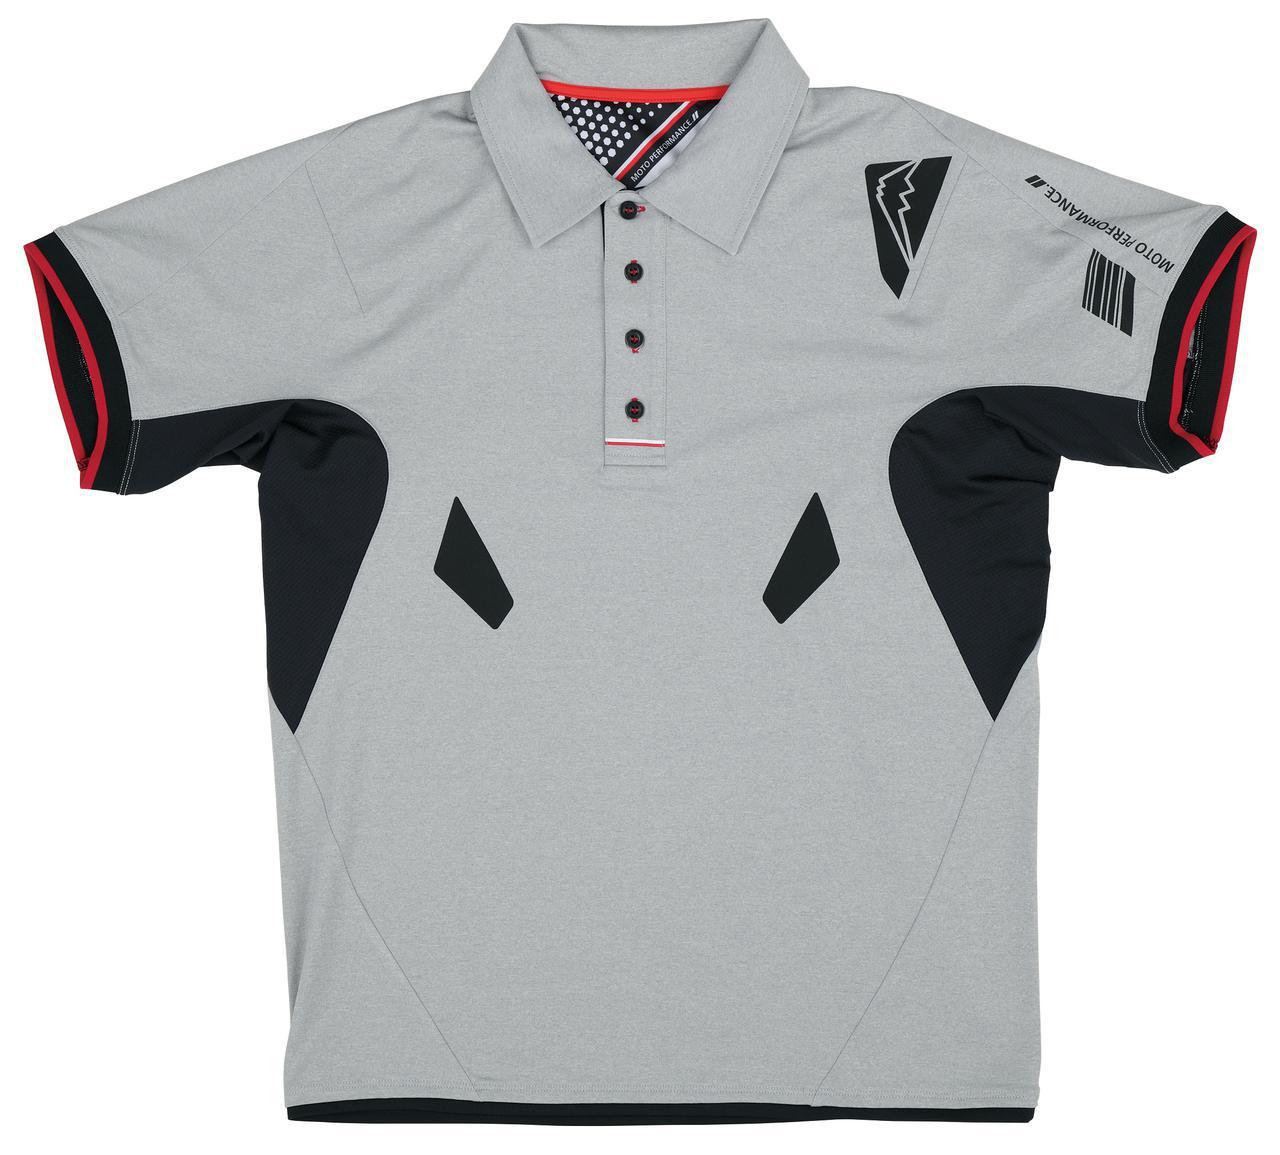 画像1: クシタニが夏の新作ポロシャツとデニムパンツをリリース! 普段使いもしやすいカジュアルなアイテム